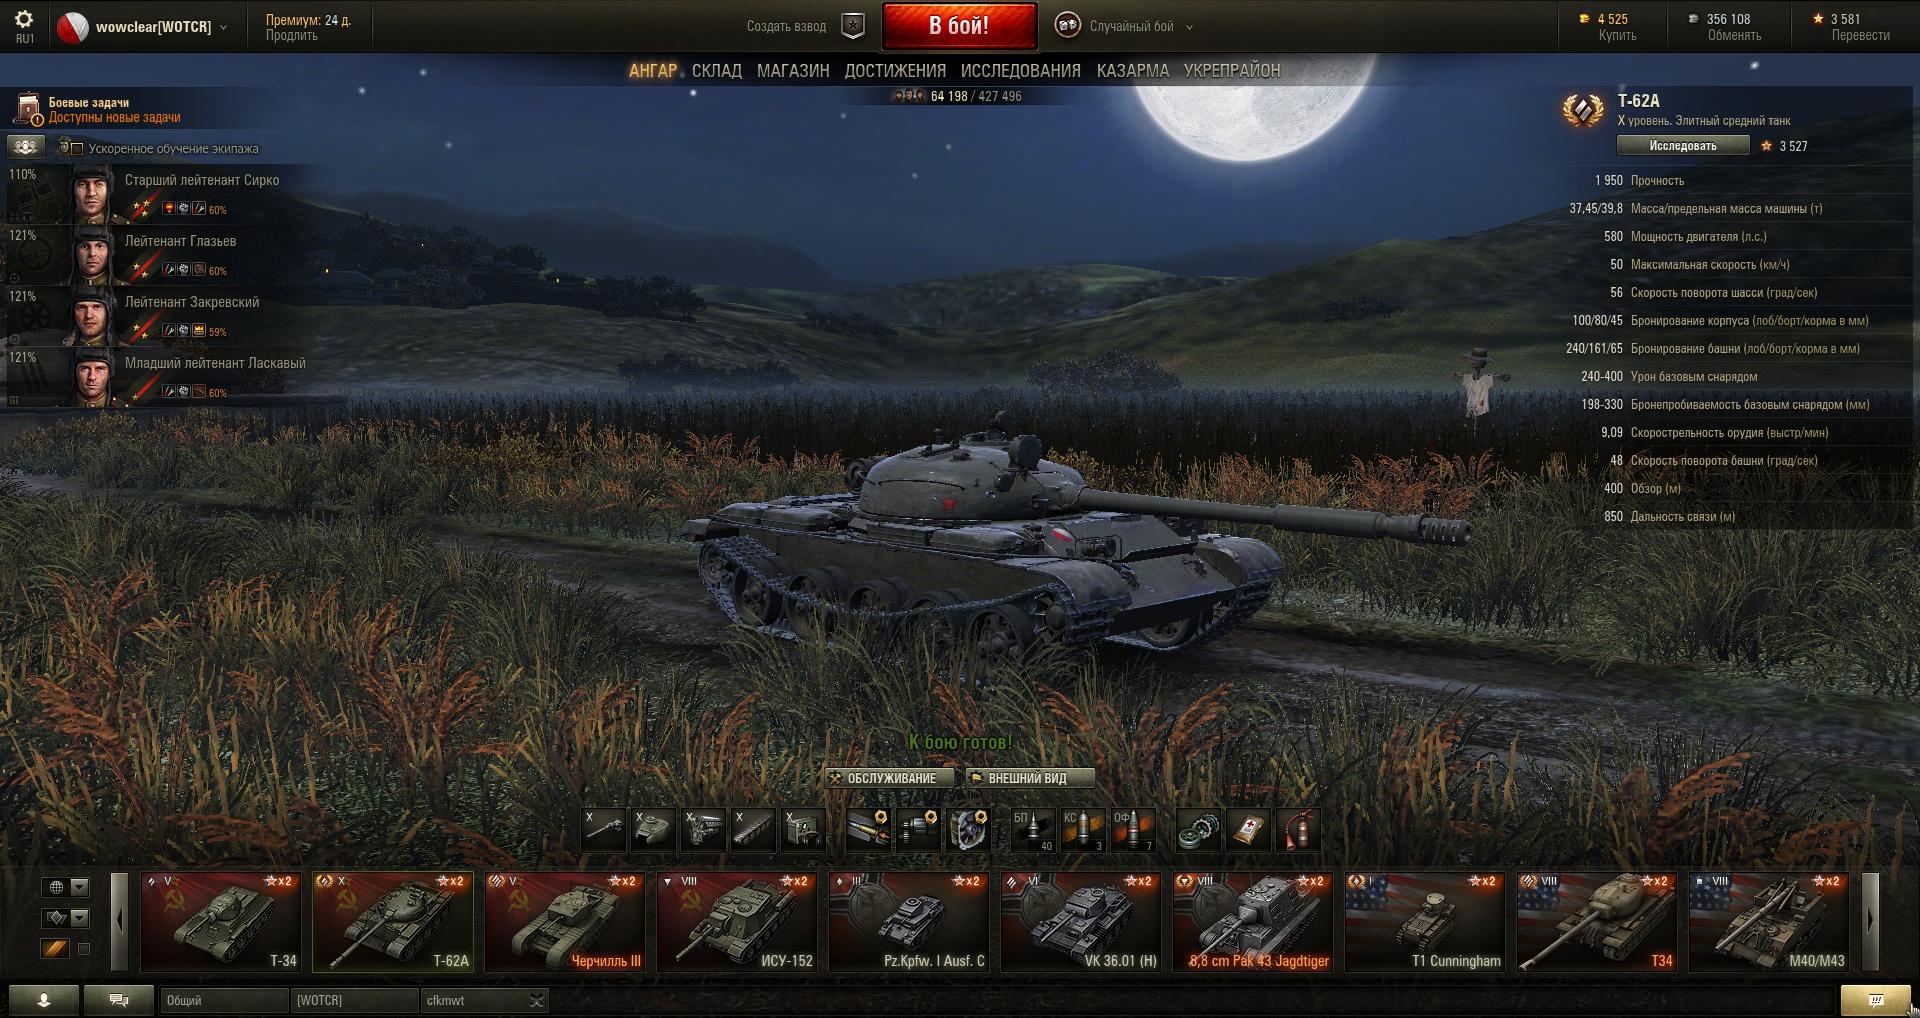 Скачать оленемер для world of tanks 0. 9. 13 (wot) от джова (jove).